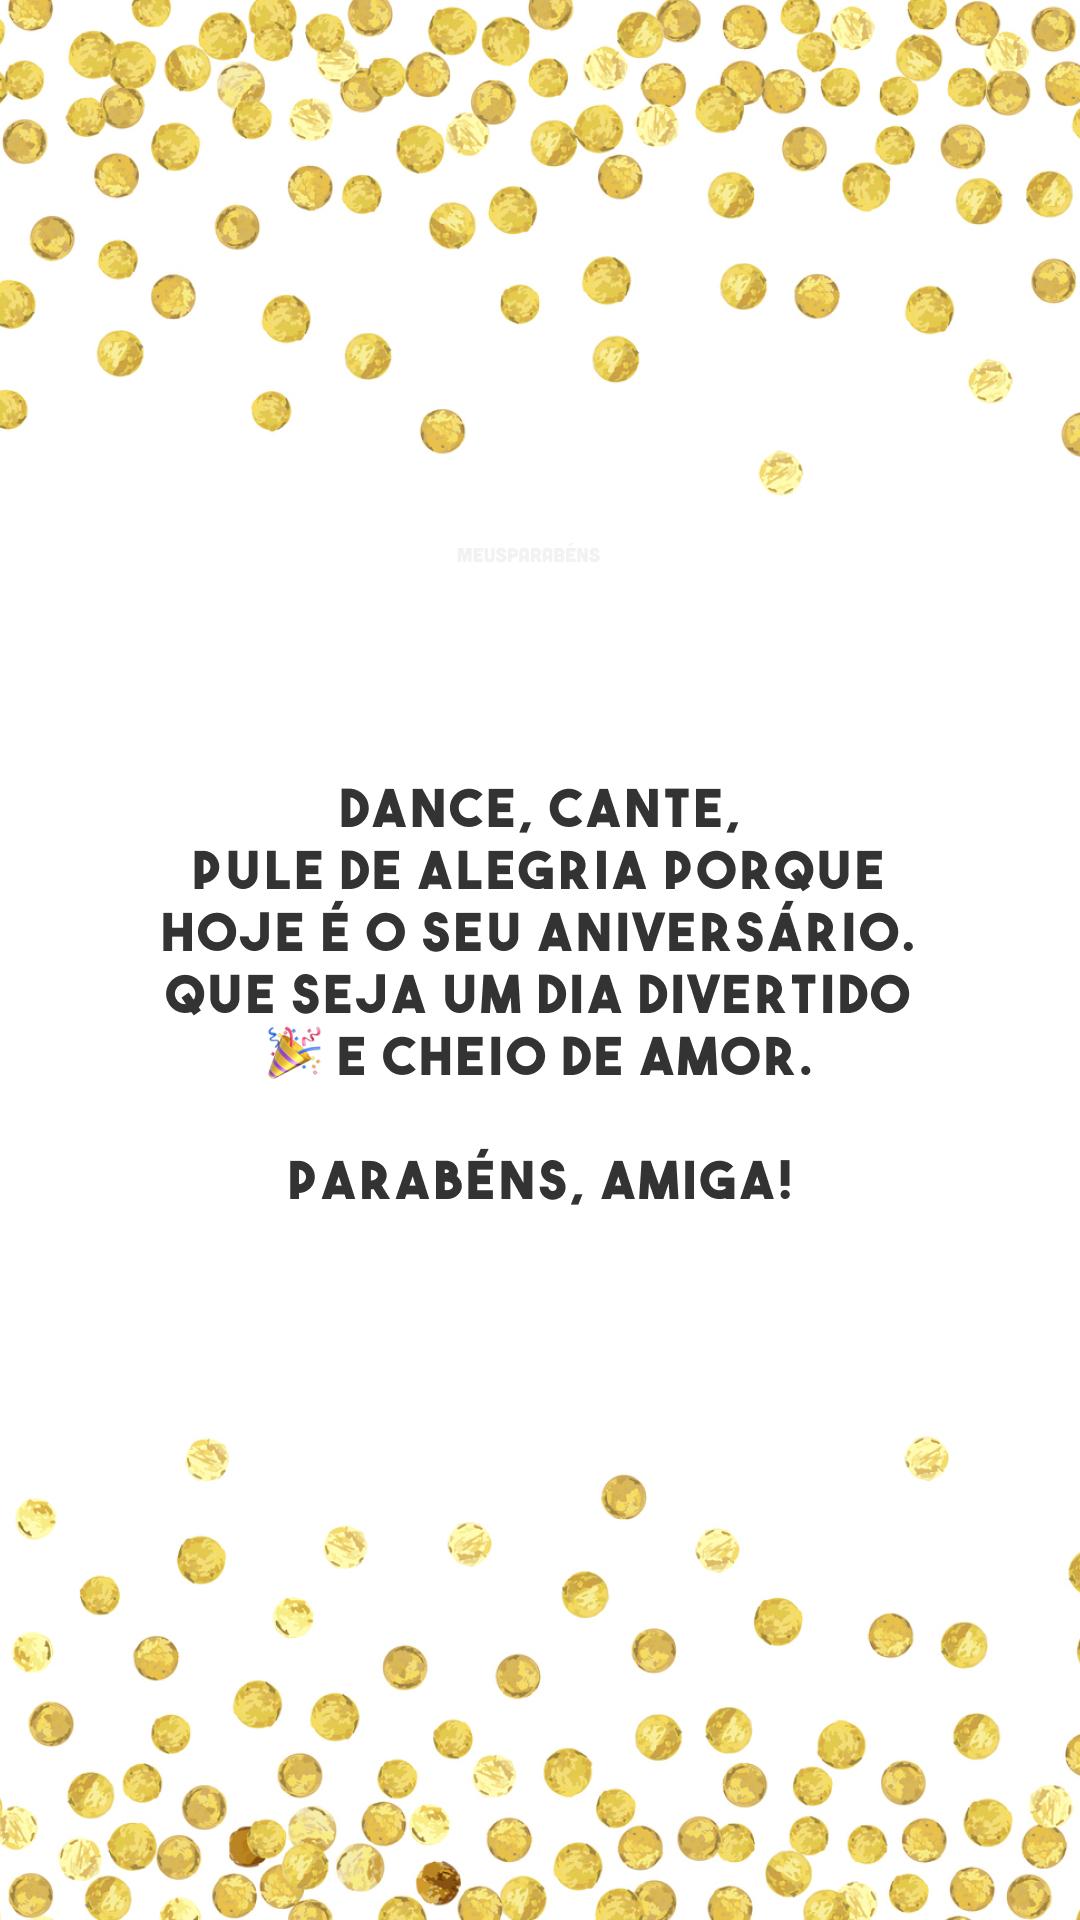 Dance, cante, pule de alegria porque hoje é o seu aniversário. Que seja um dia divertido 🎉 e cheio de amor. Parabéns, amiga!